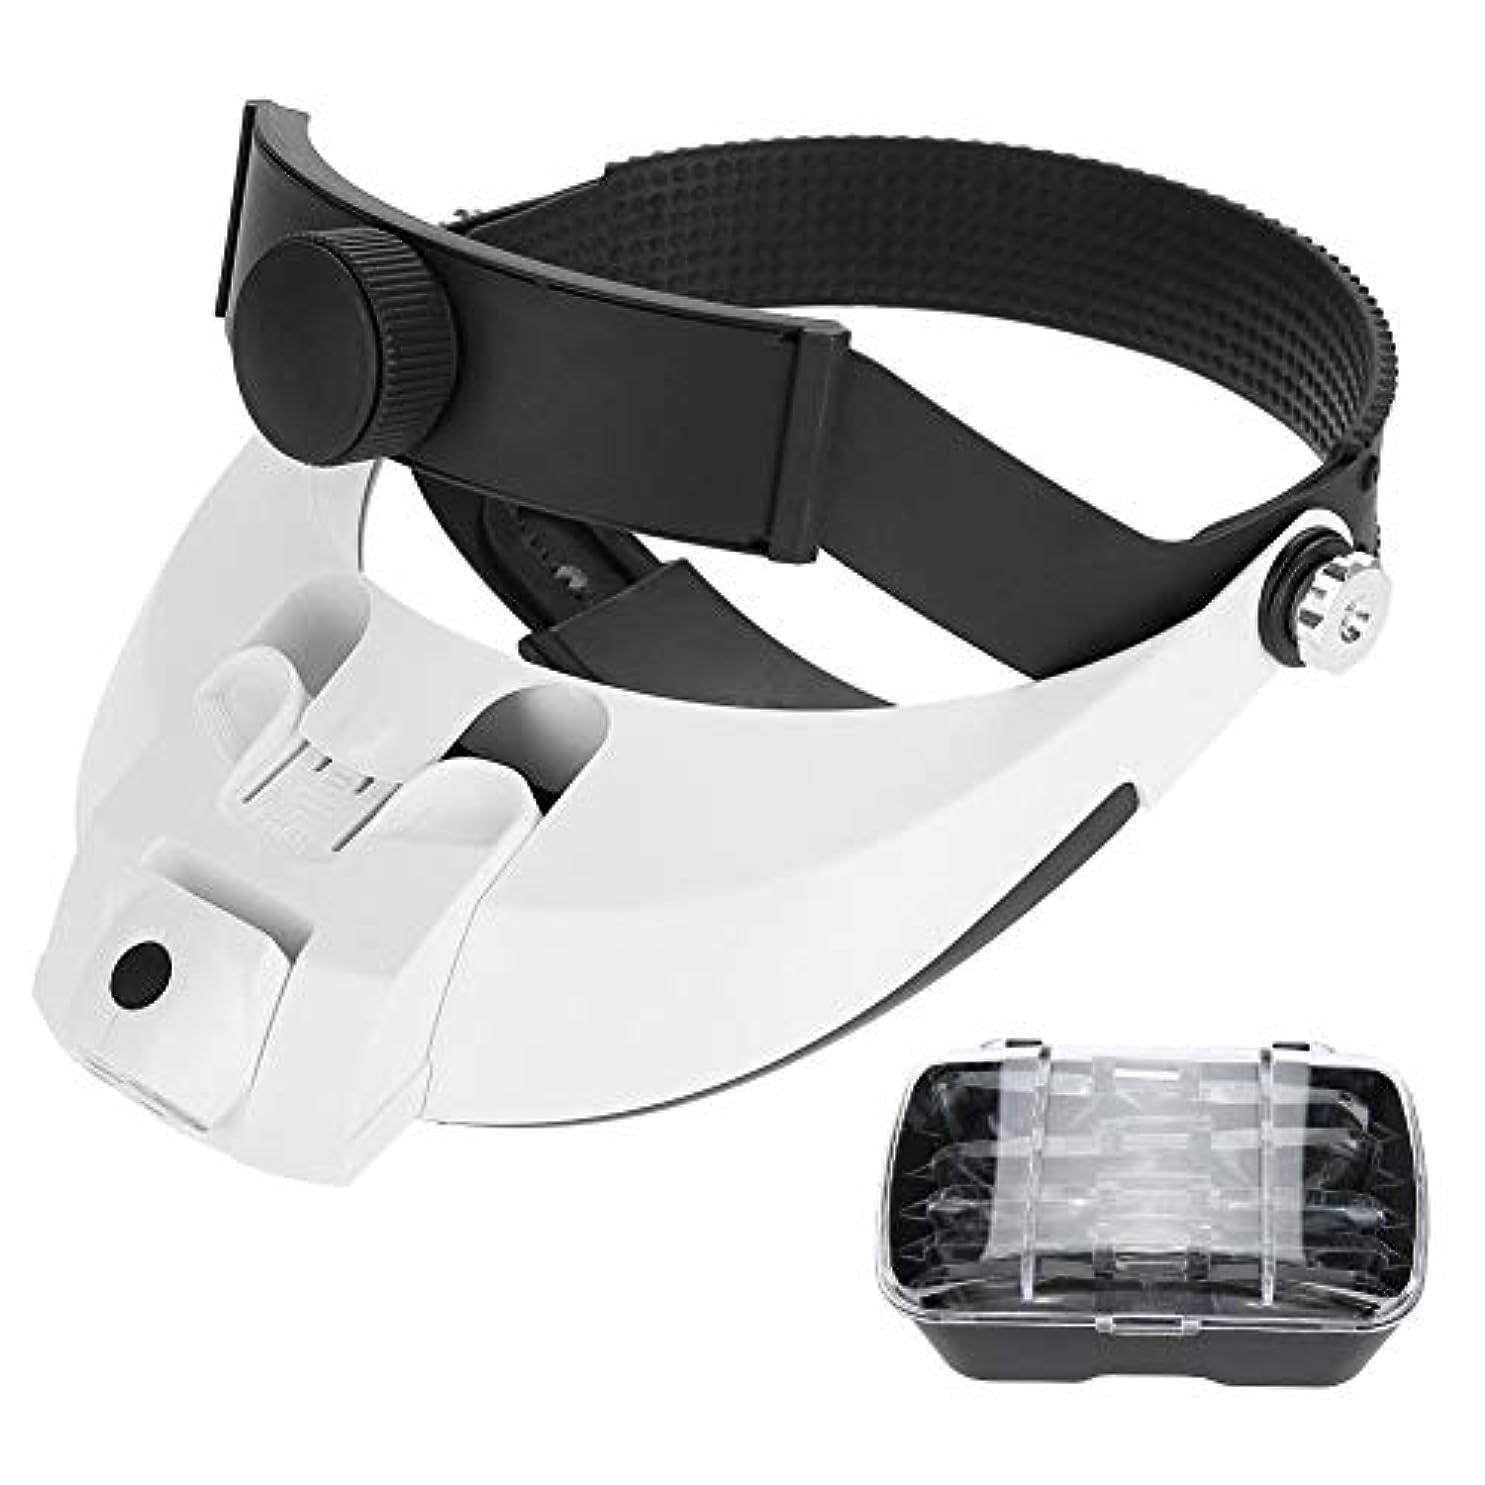 素晴らしい良い多くの冷淡なほとんどないSalmueヘッドマウント2LEDランプ拡大鏡産業メンテナンス拡大鏡老人読書ヘルメットジュエリー修理メガネと5レンズ